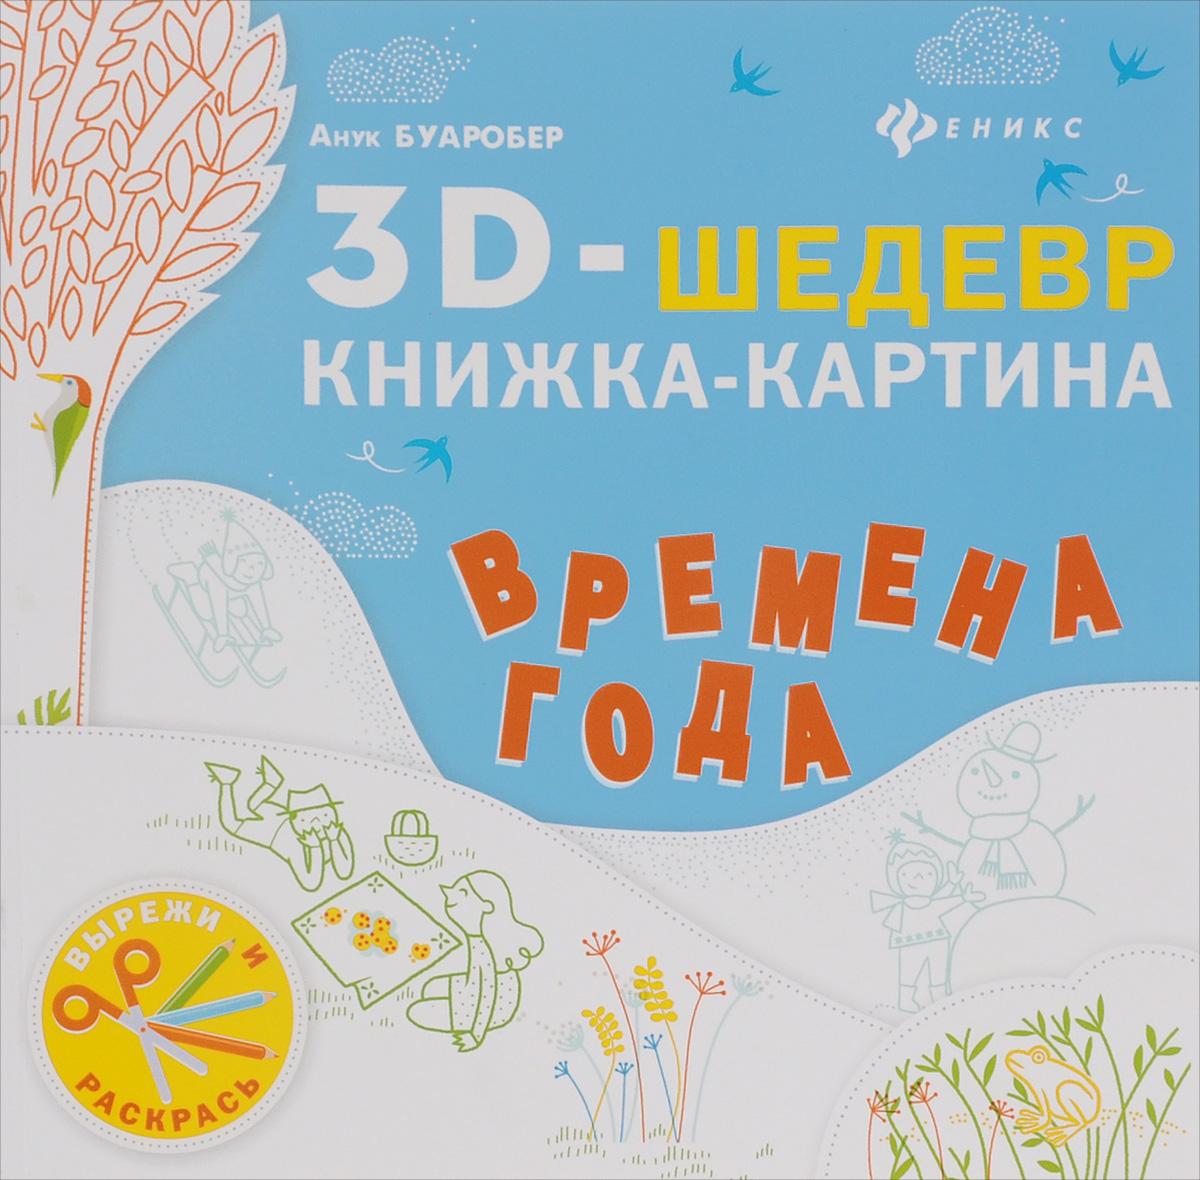 Анук Буаробер Времена года. Книжка-картина